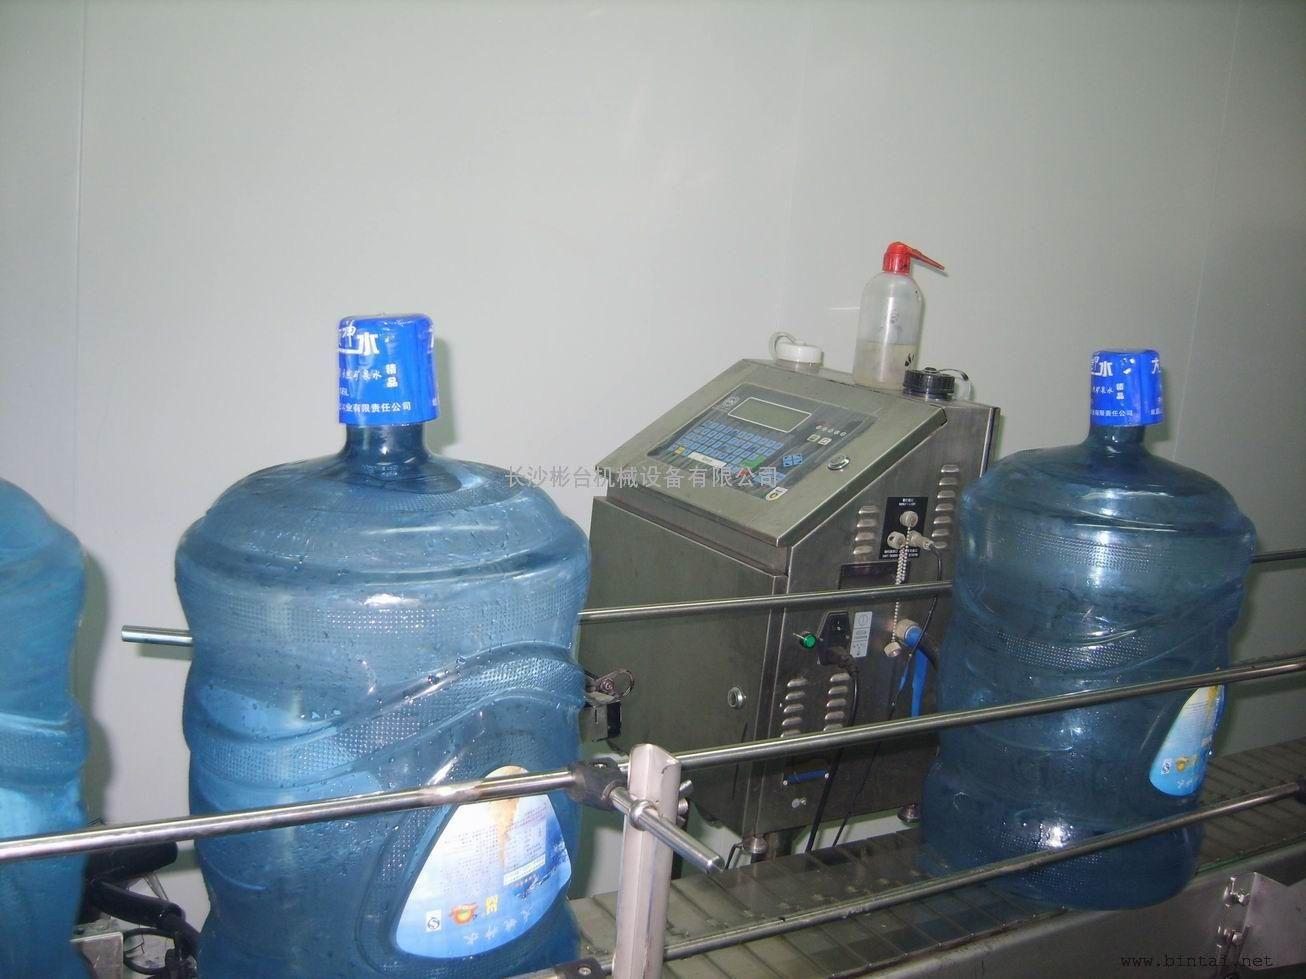 桶装水设备,福建桶装水设备